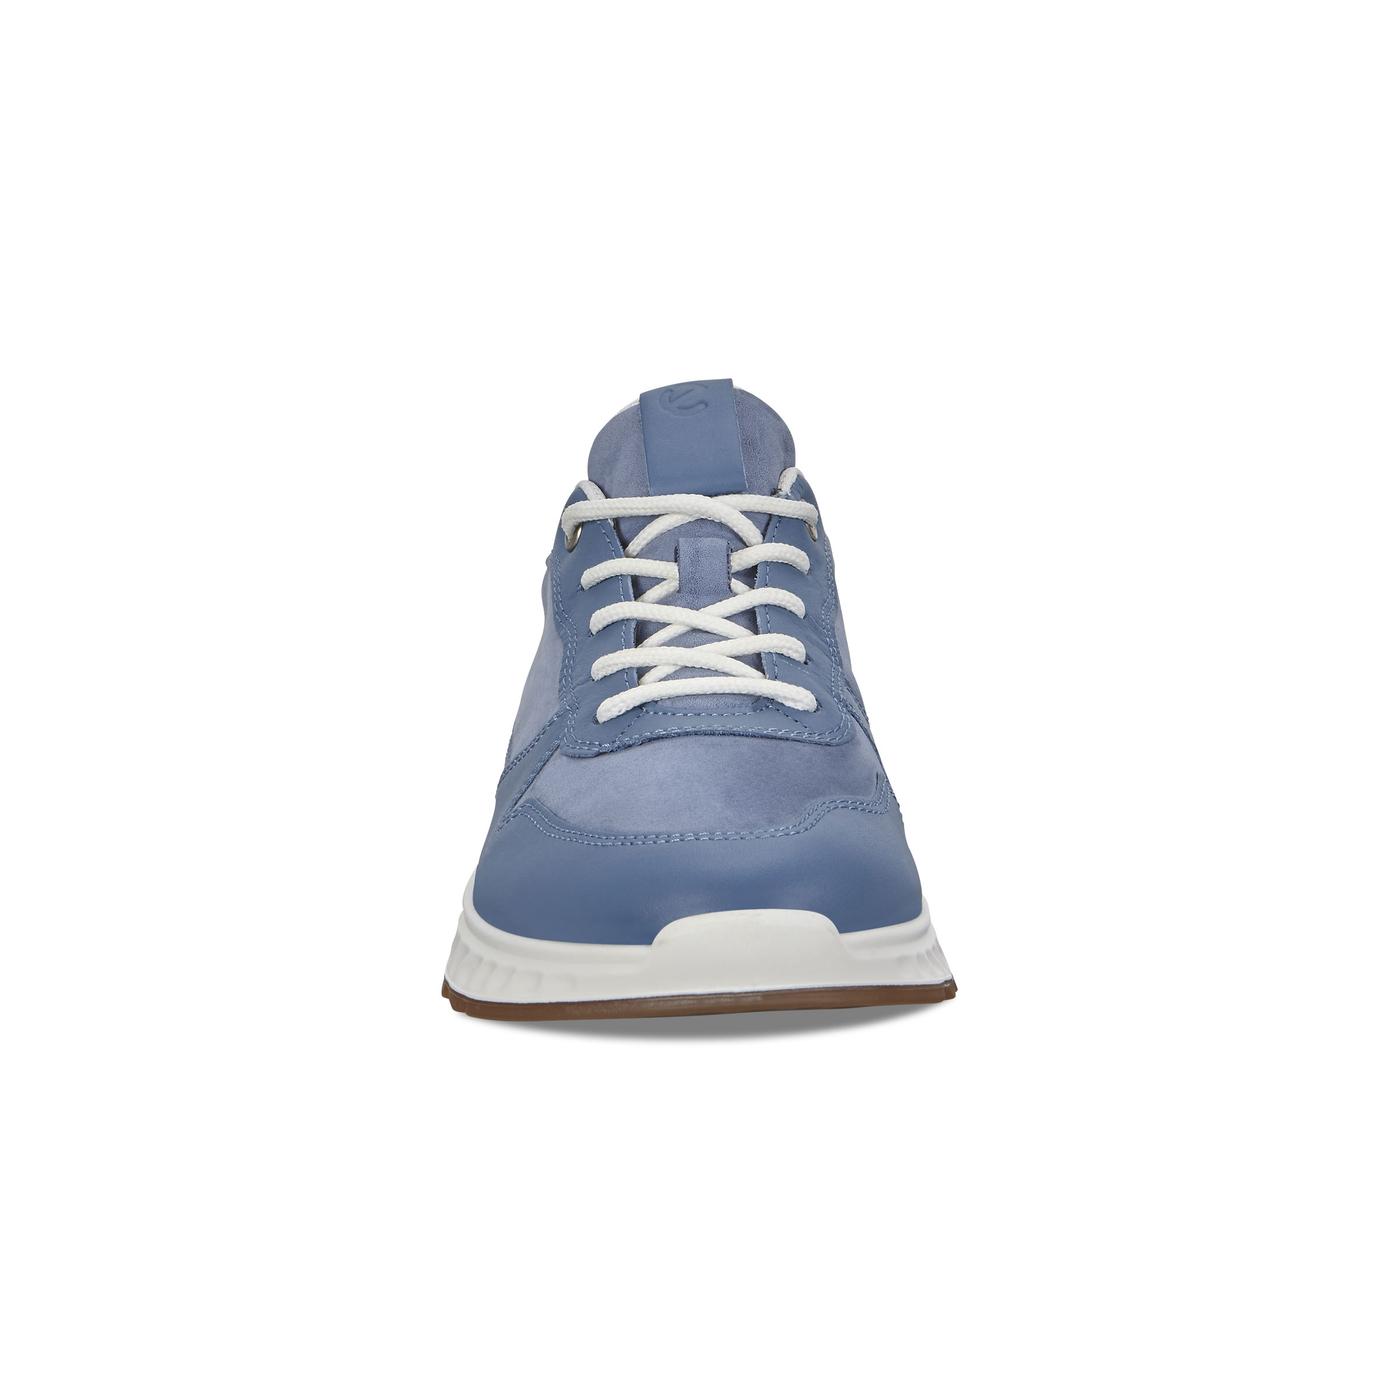 ECCO ST1 Womens Sneaker Tie